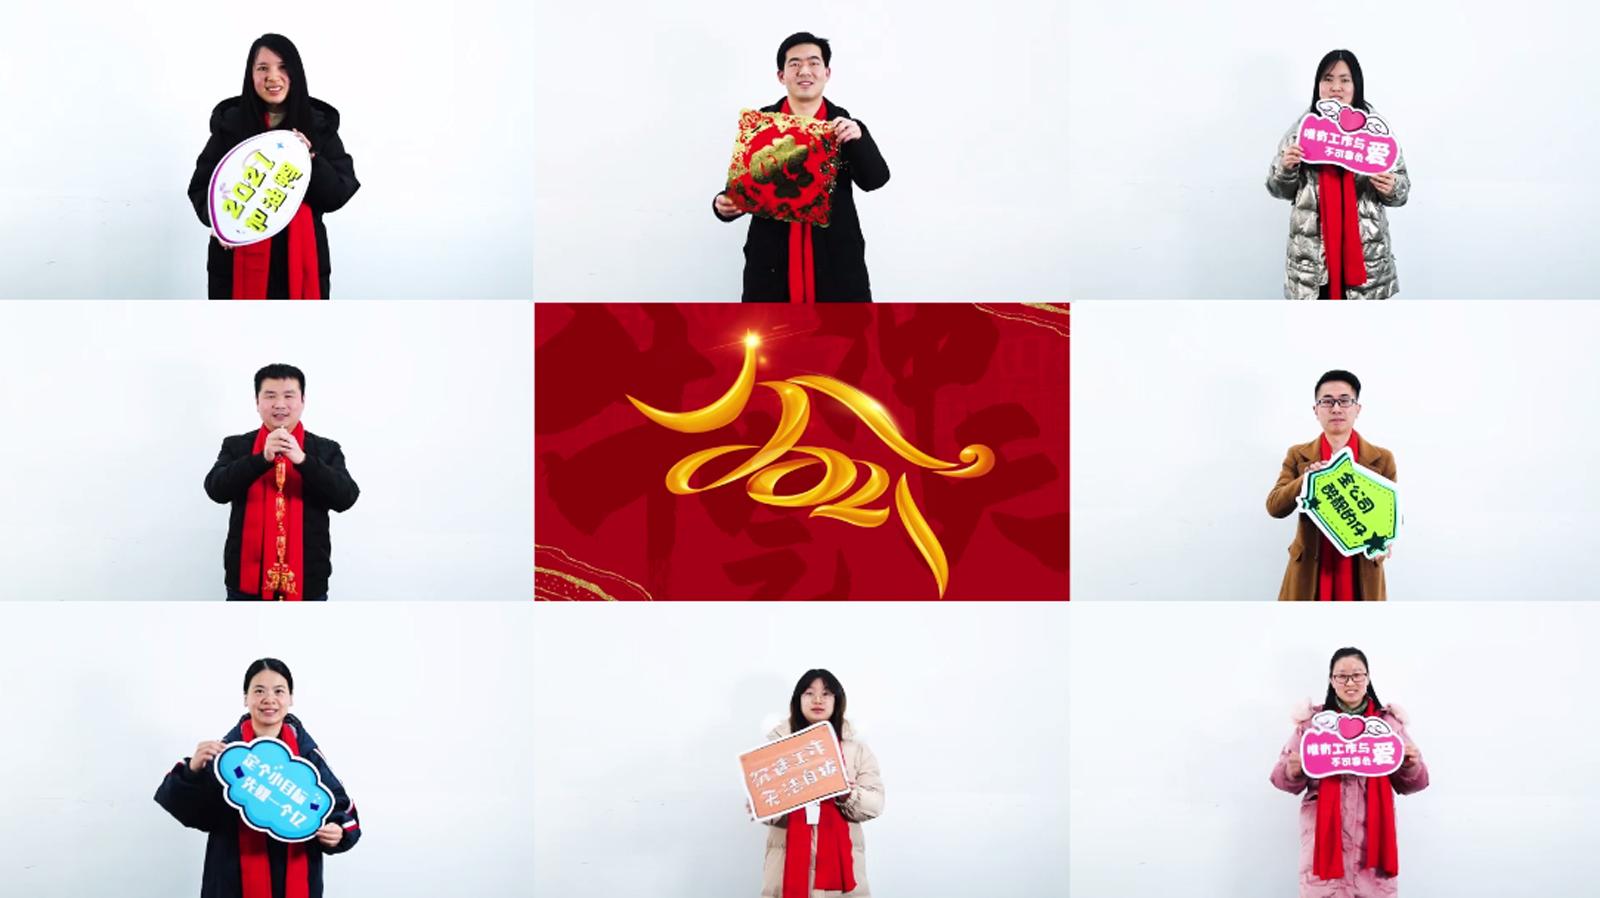 2021一起同行,制药网恭祝大家新春快乐!